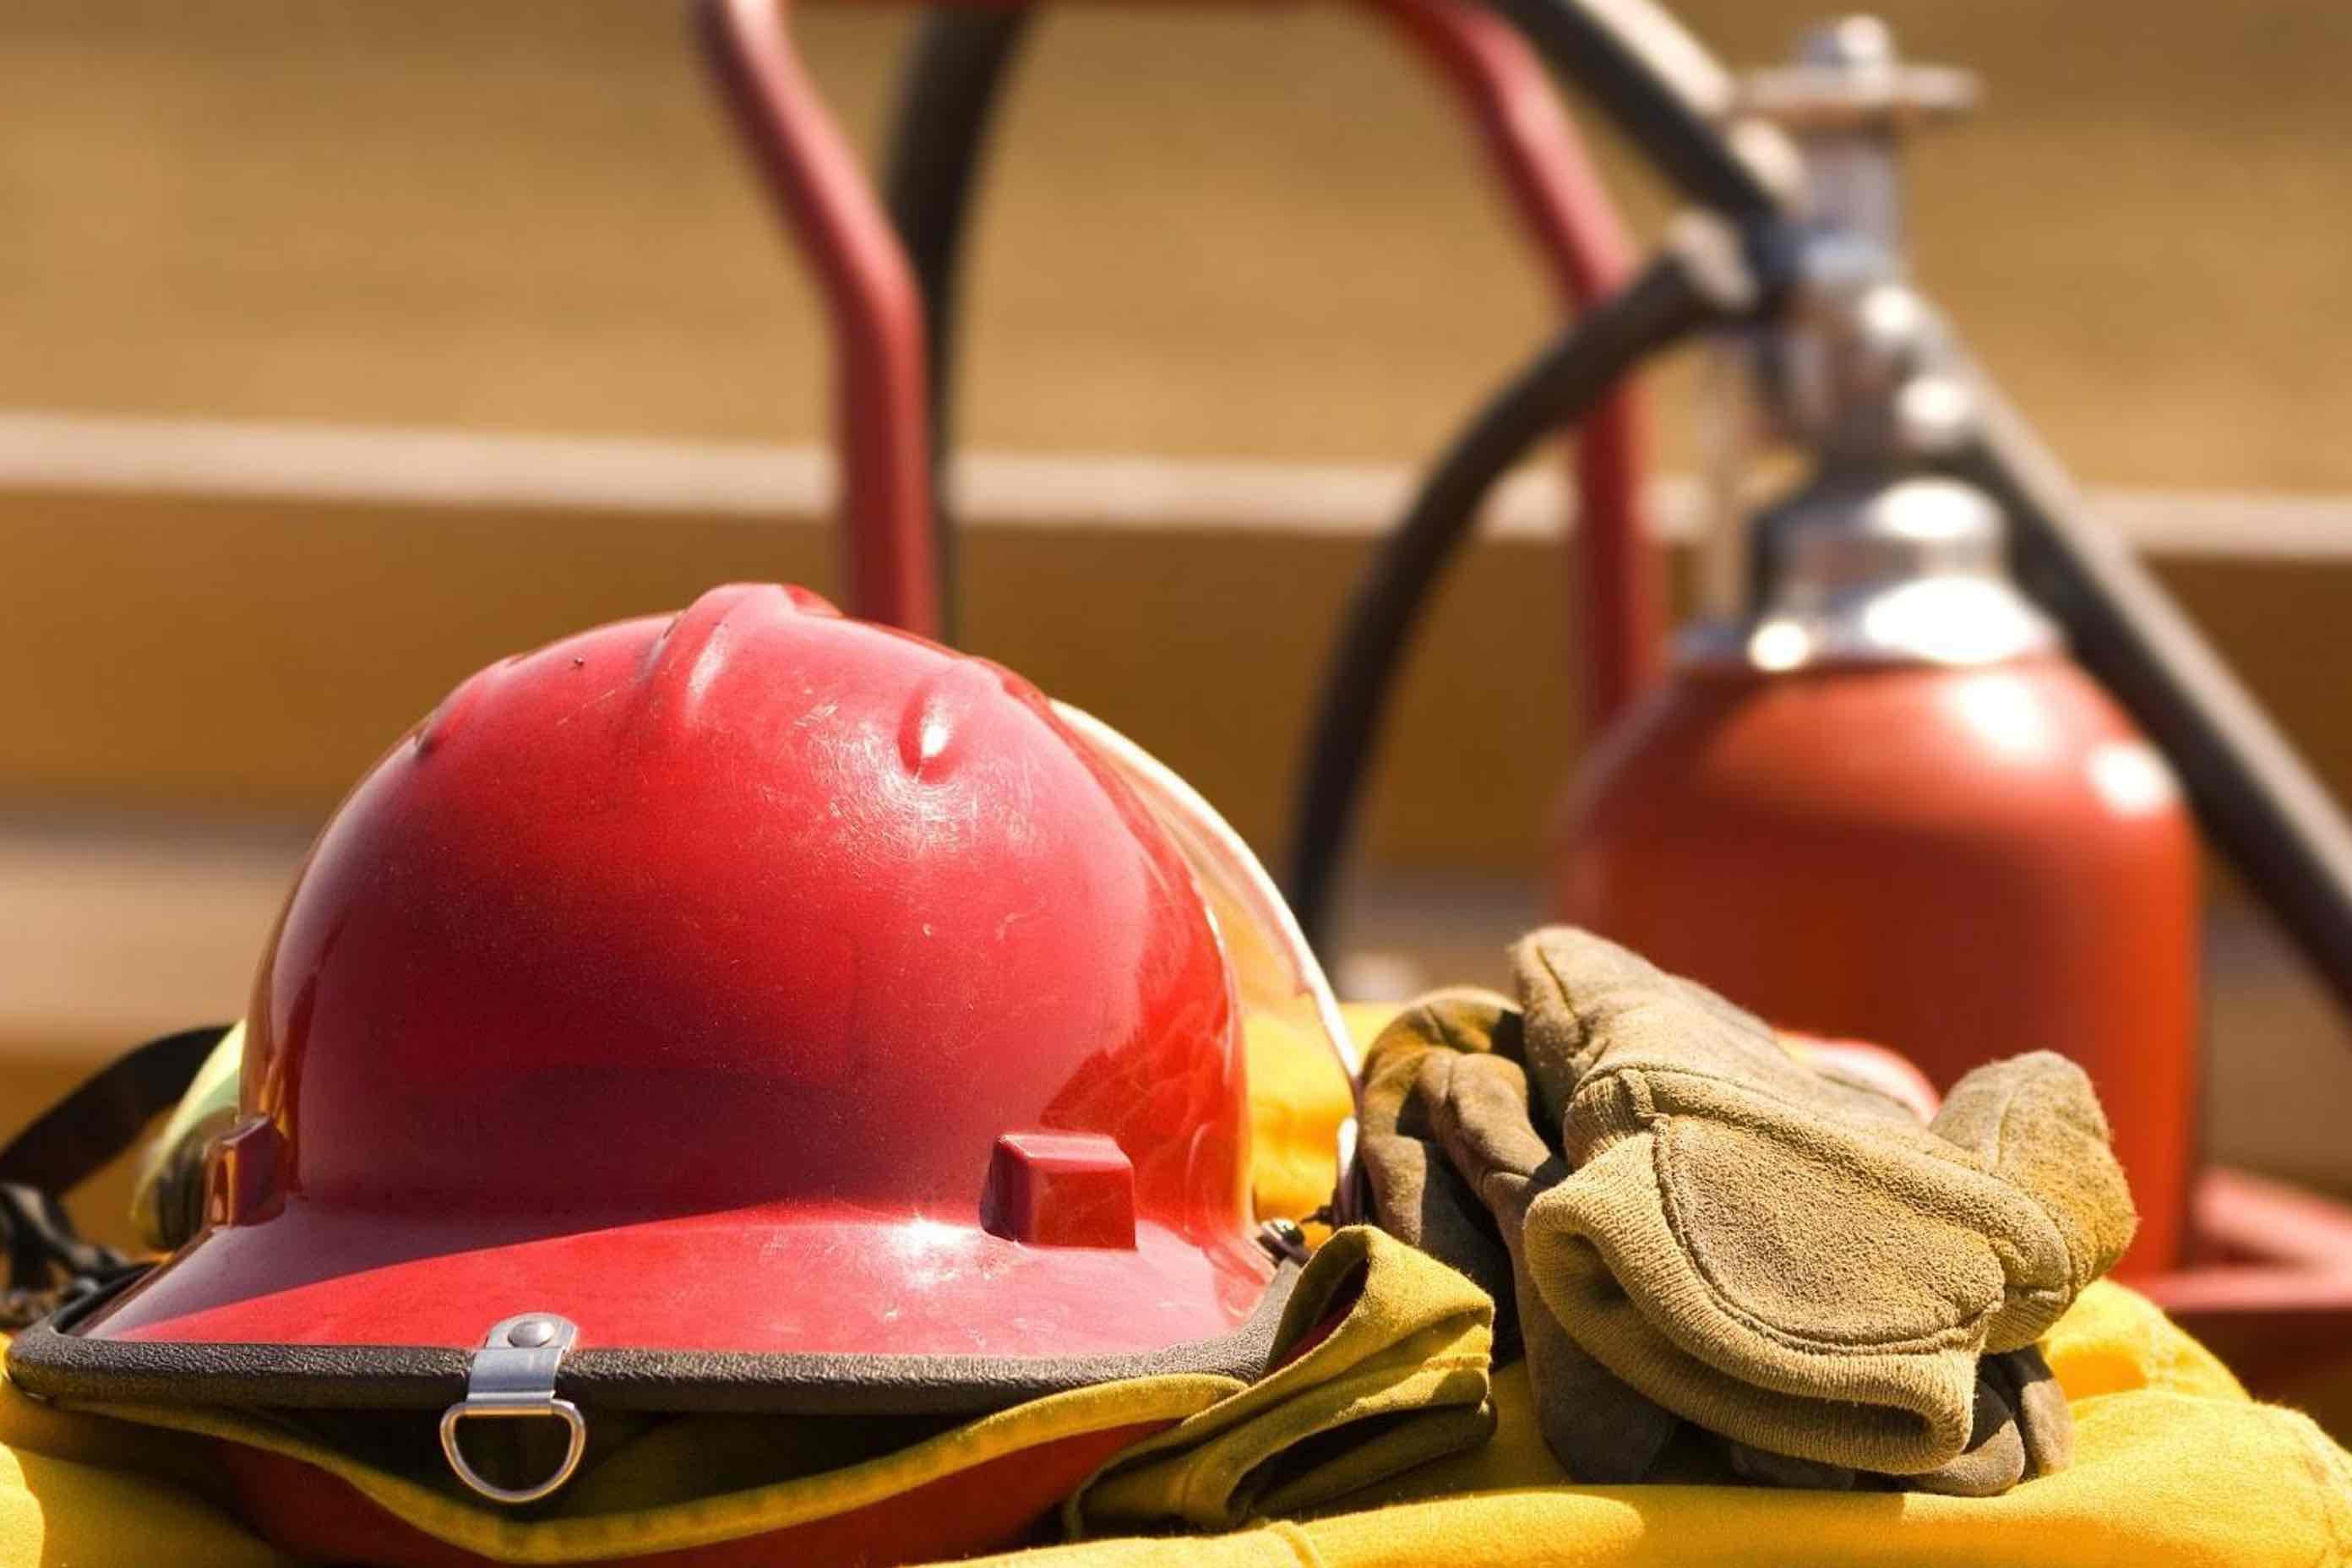 Пожарно-технический минимум  при проведении огневых и пожароопасных работ